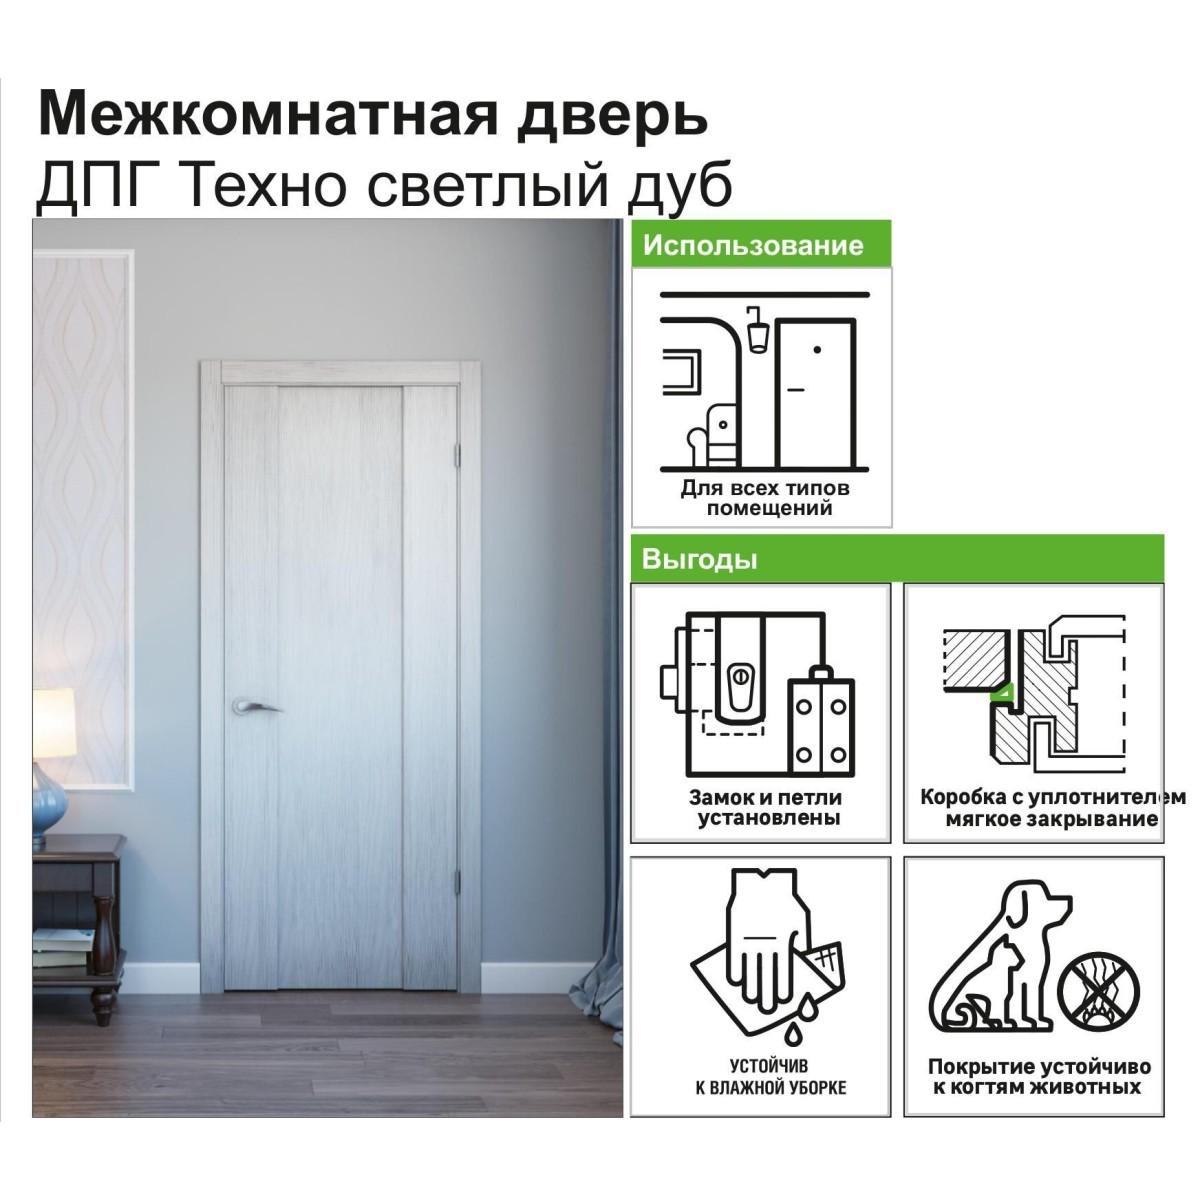 Дверь Межкомнатная Глухая Техно 80x200 Цвет Дуб Светло-Серый